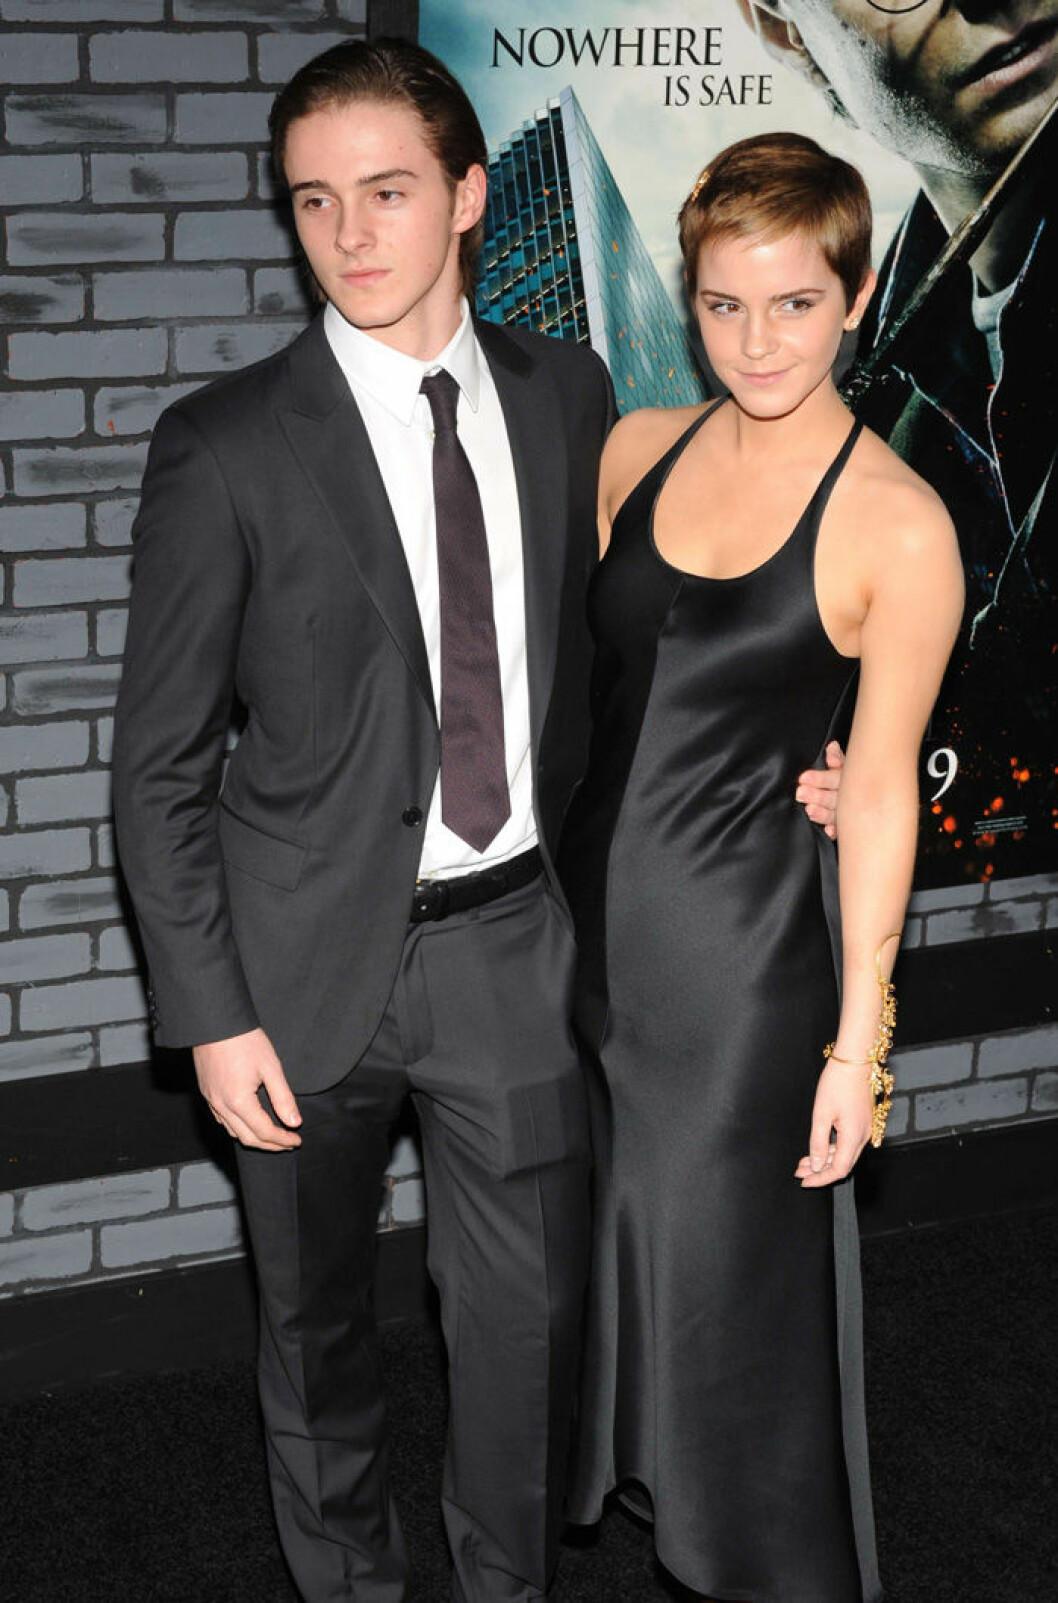 En bild på Emma och Alex Watson på filmpremiären av Harry Potter och Dödsrelikerna (Del 1) 2010.